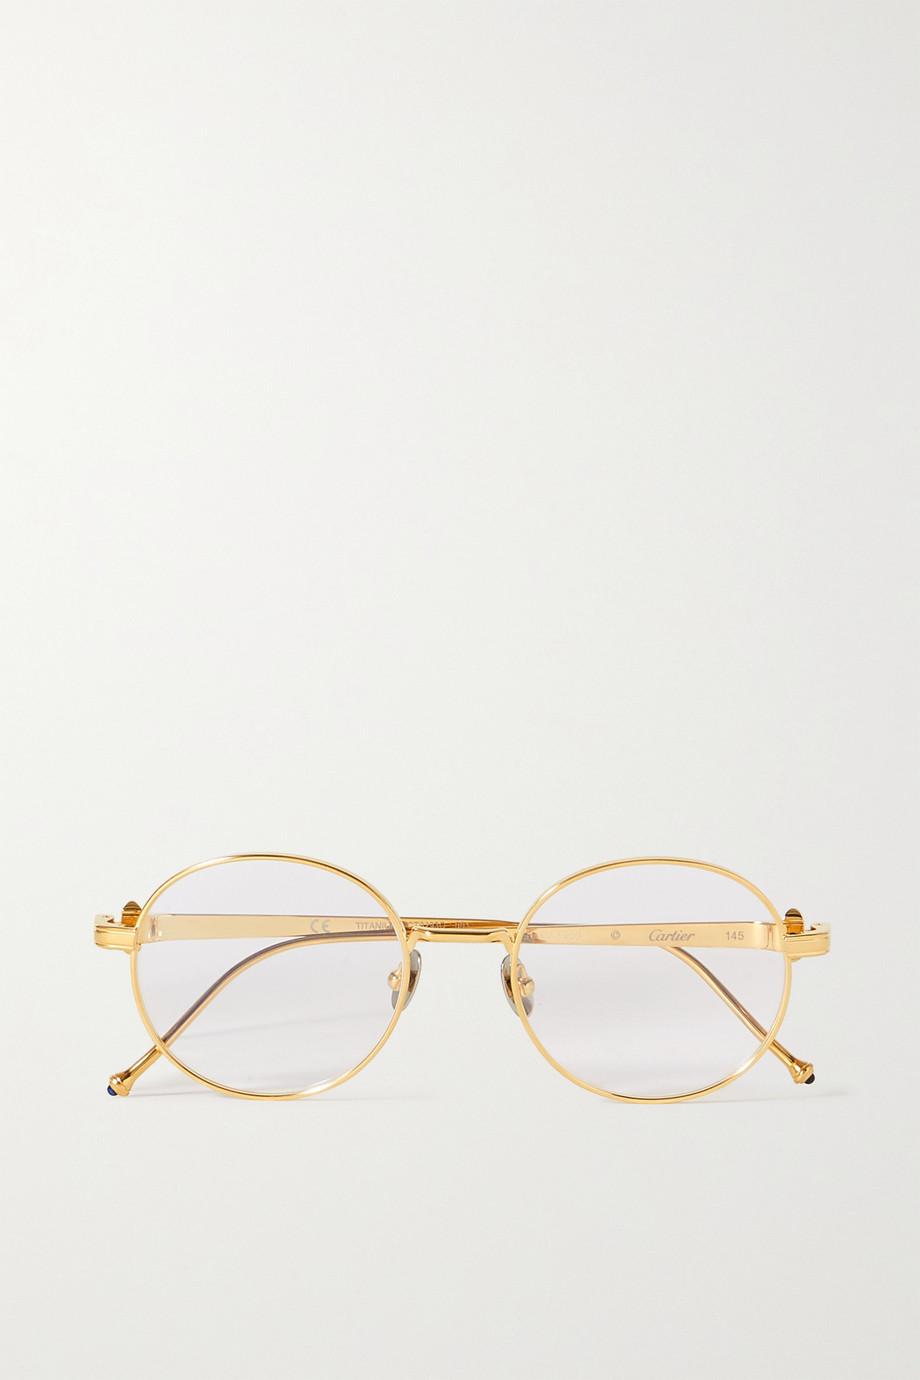 Cartier Eyewear Lunettes de vue rondes en métal doré Pasha de Cartier